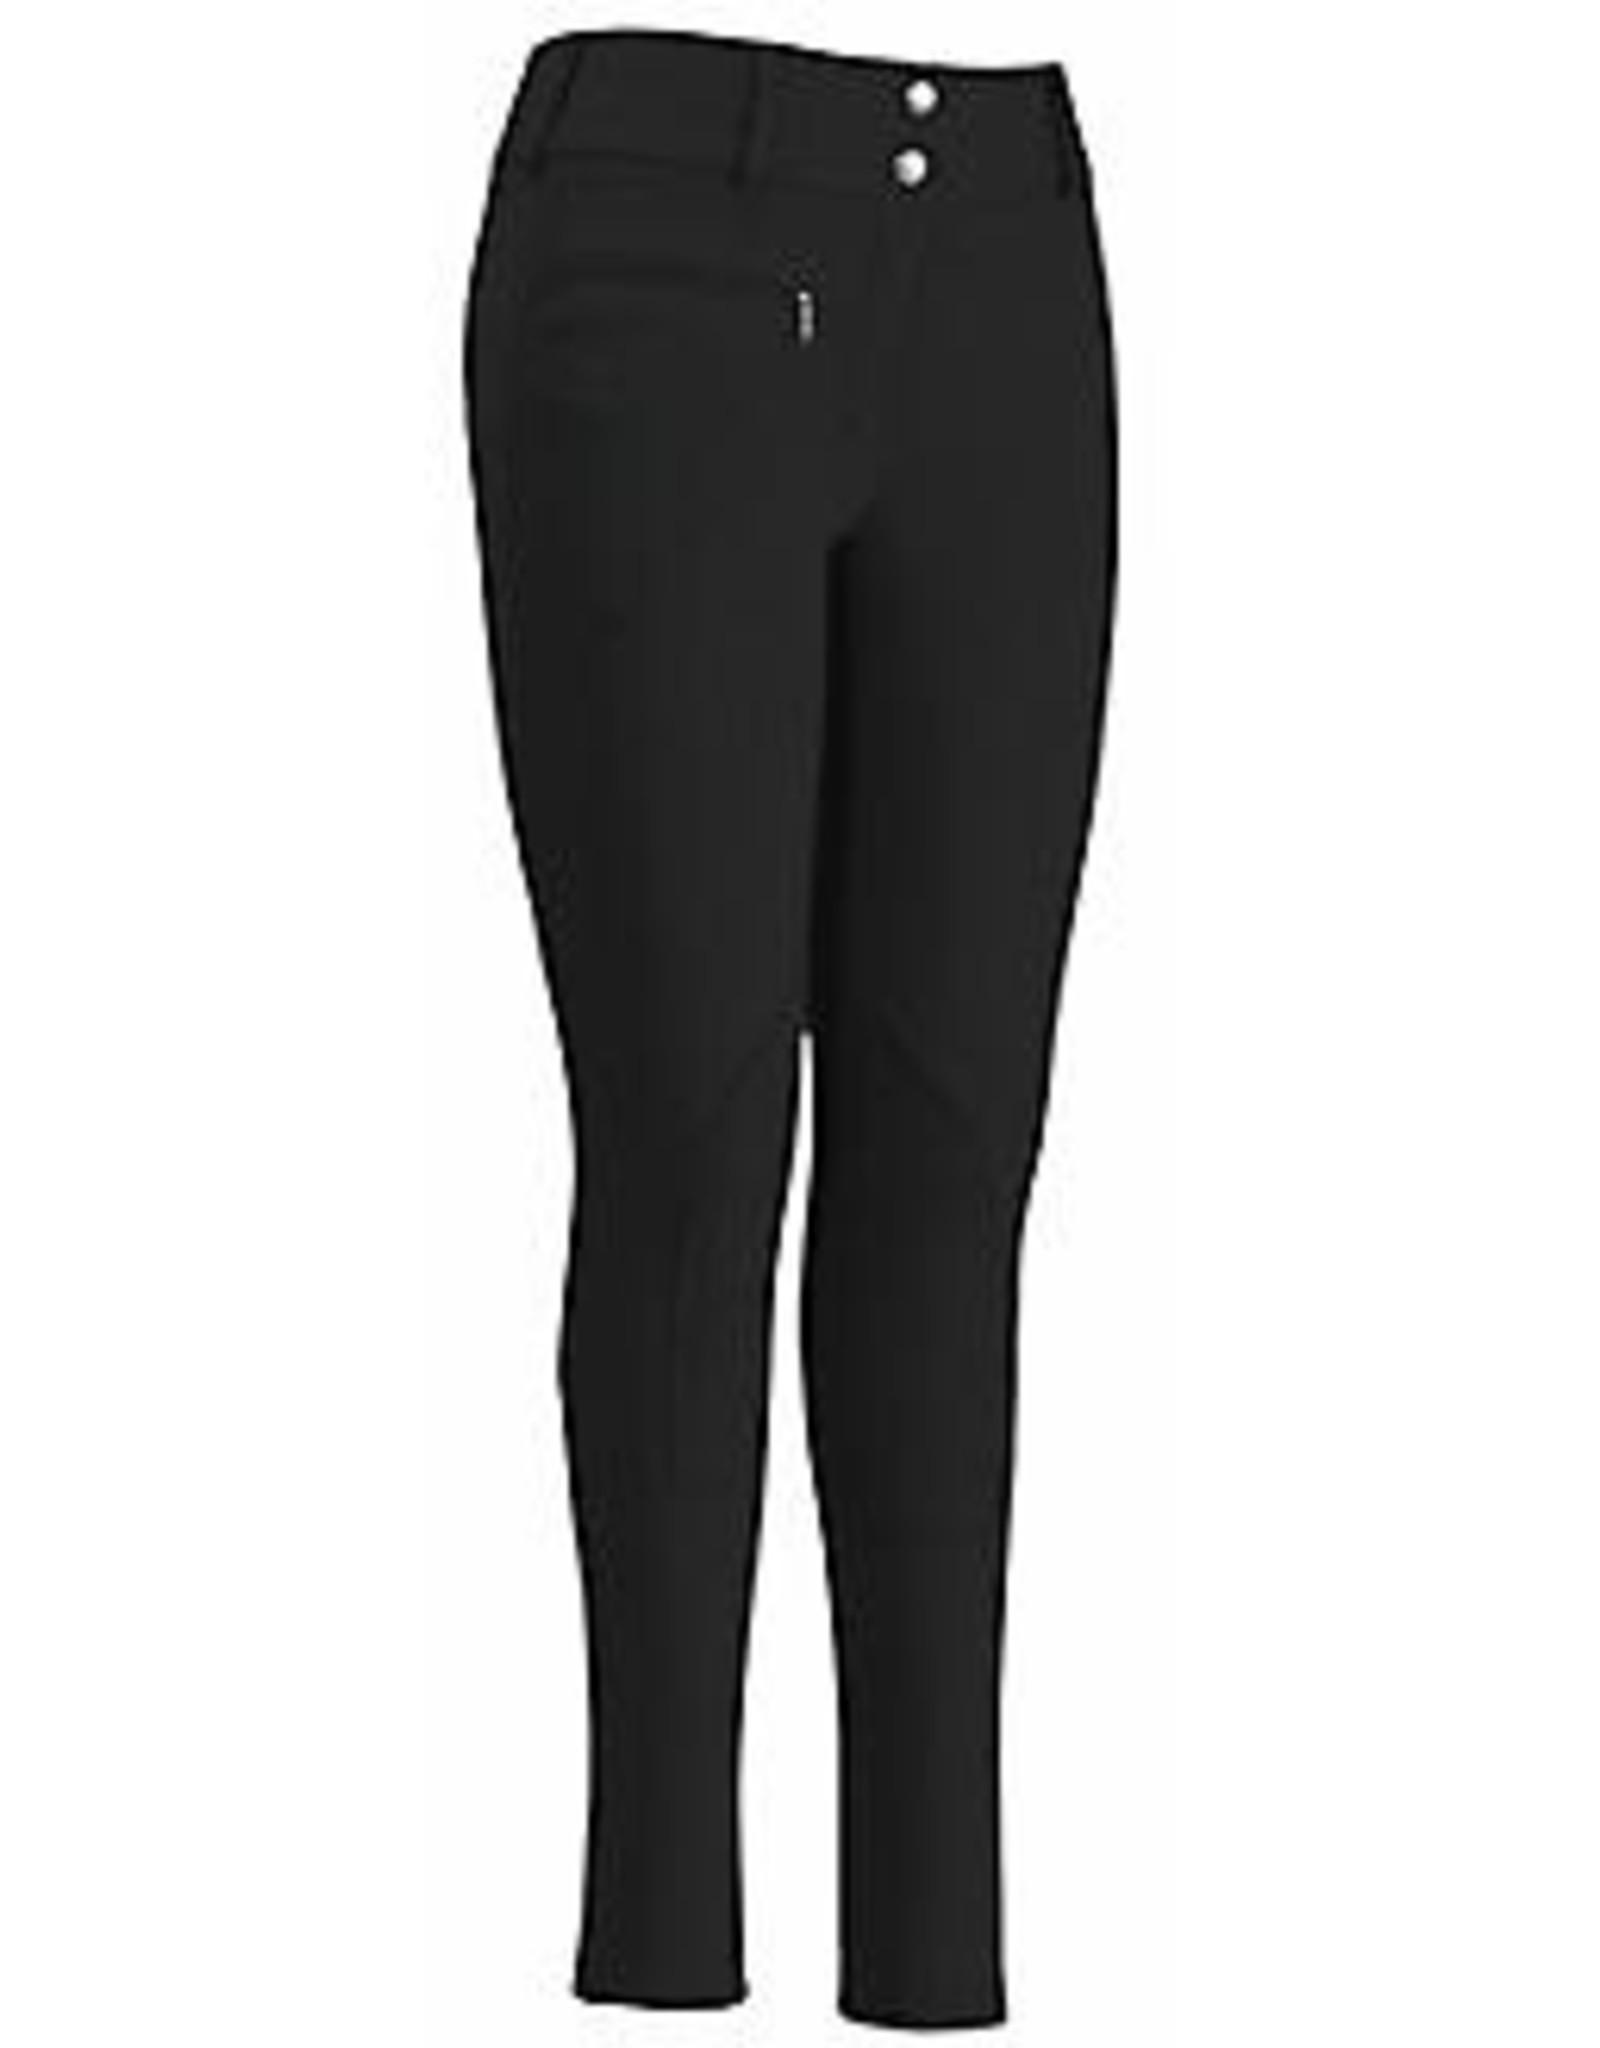 TuffRider Ladies' Lowrise Wide Waist Knee Patch Breeches